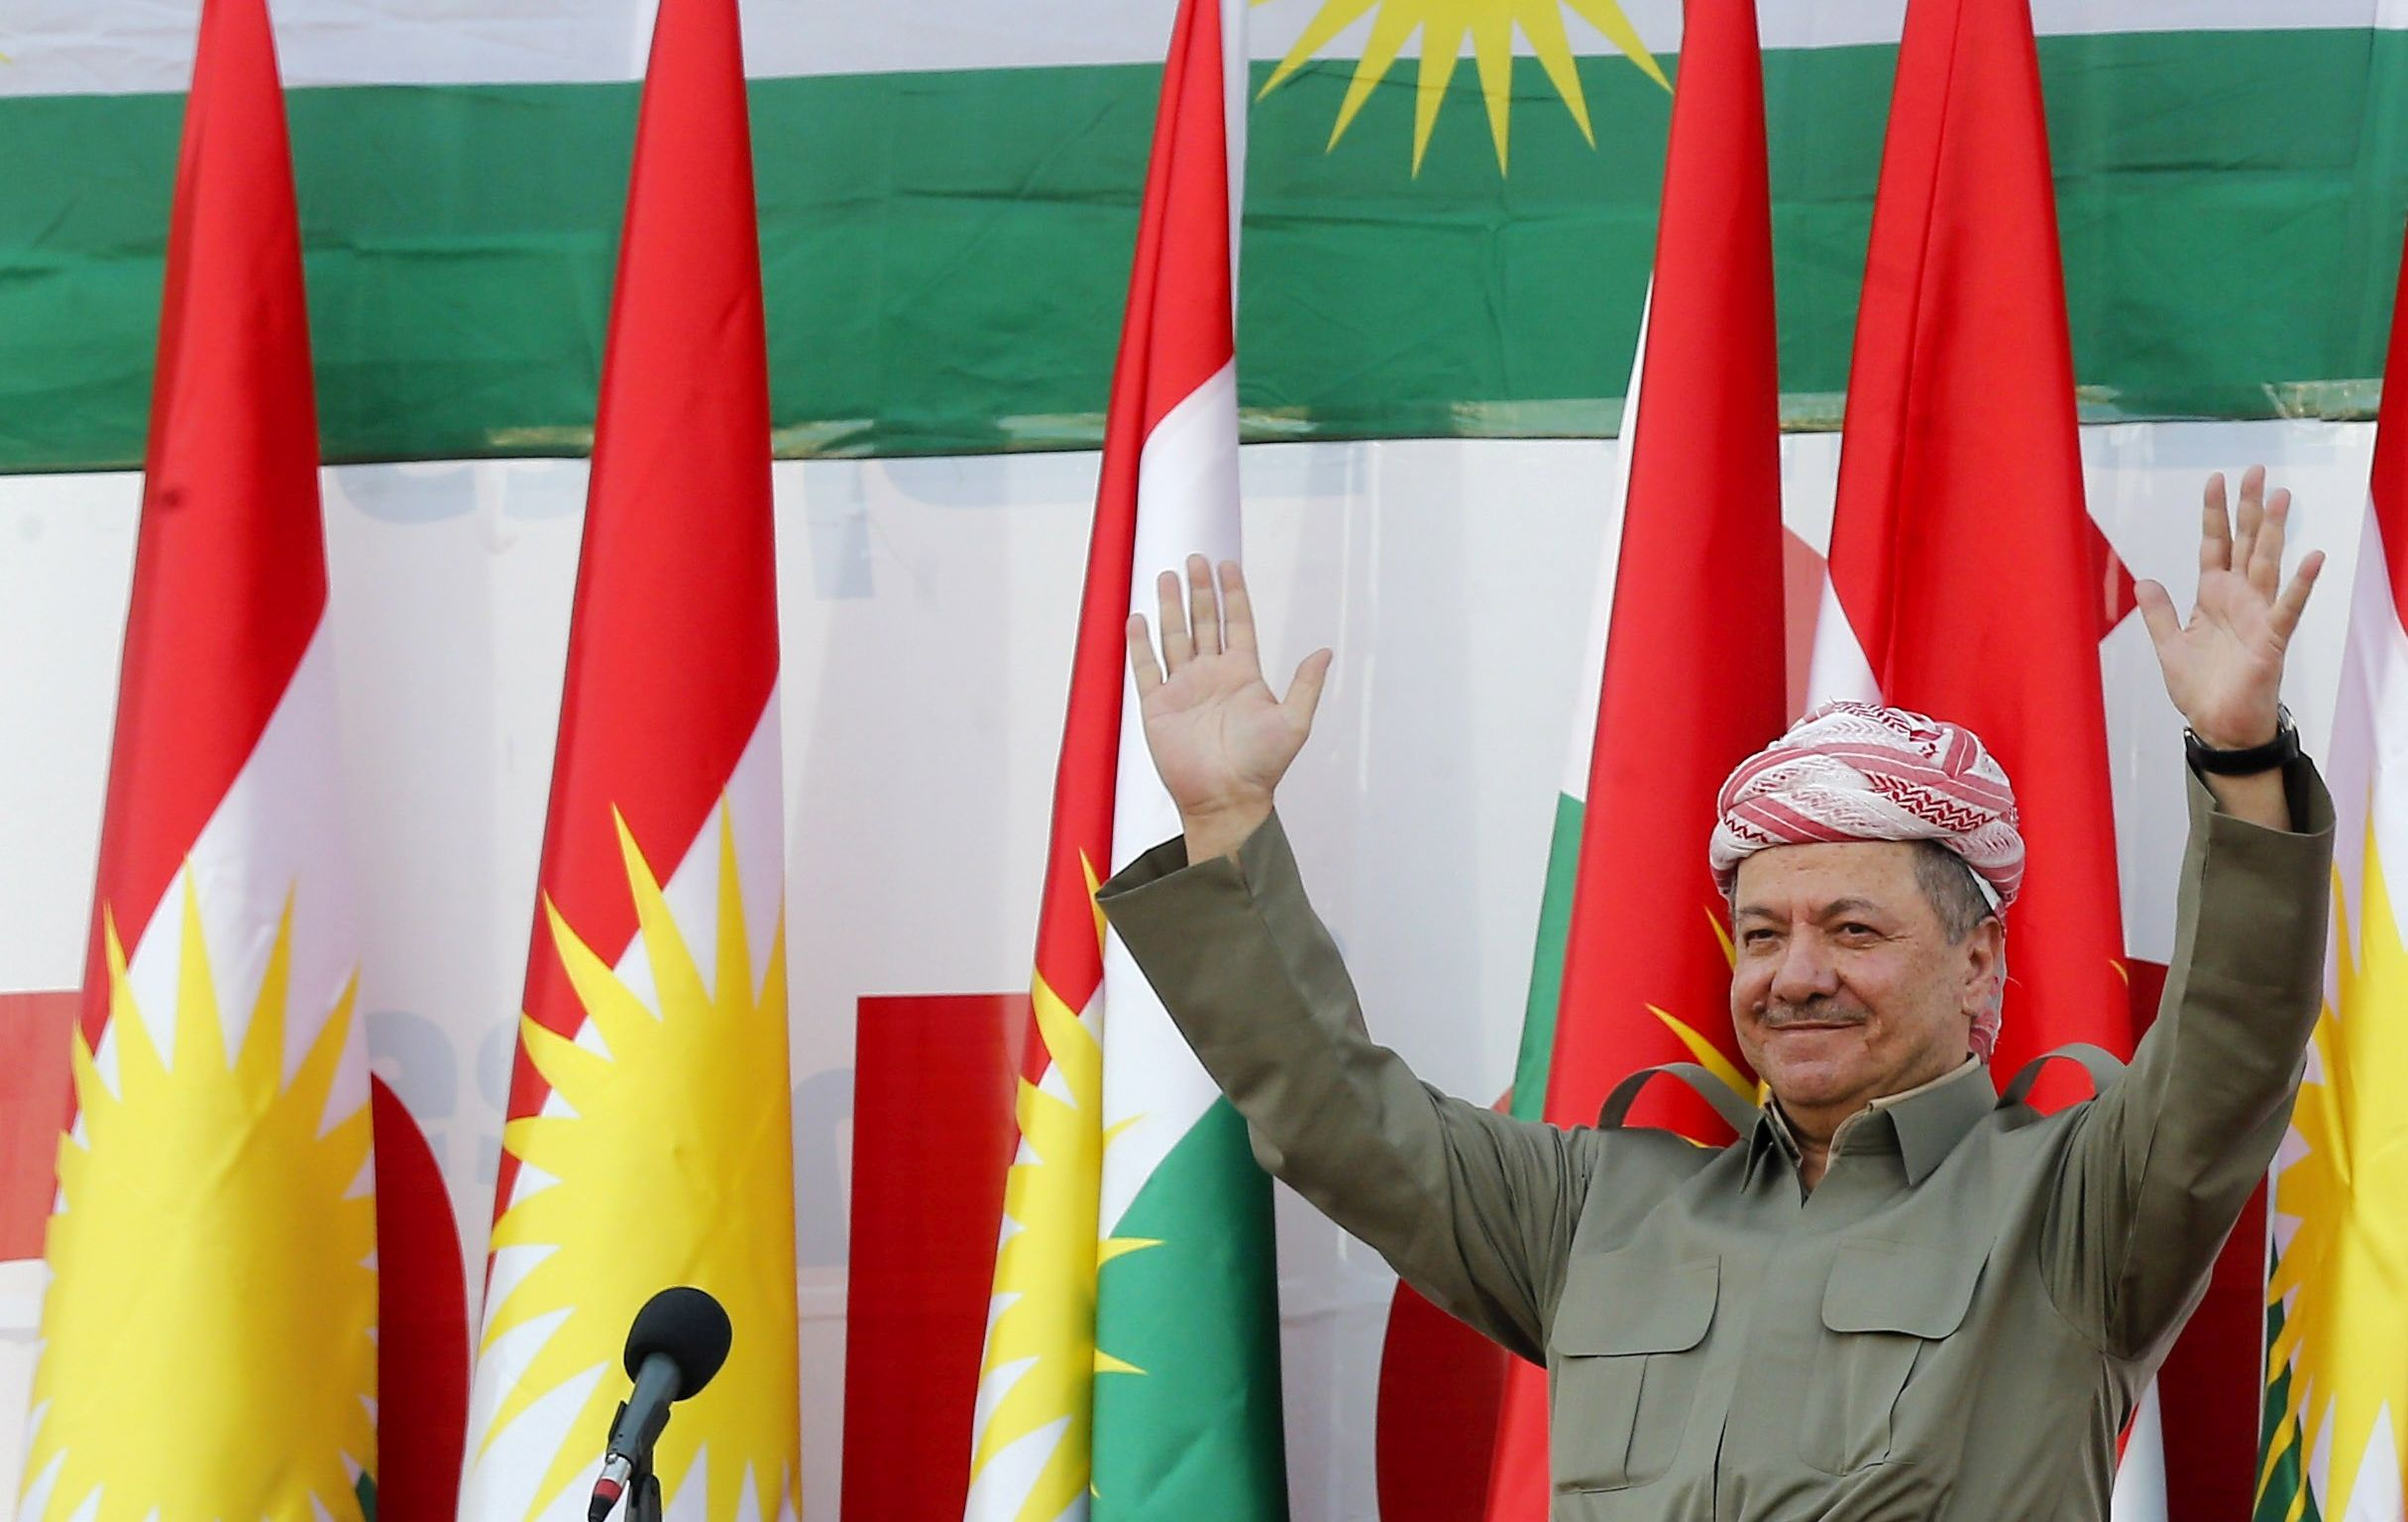 Washington ne priznaje referendum iračkih Kurda, poziva na dijalog